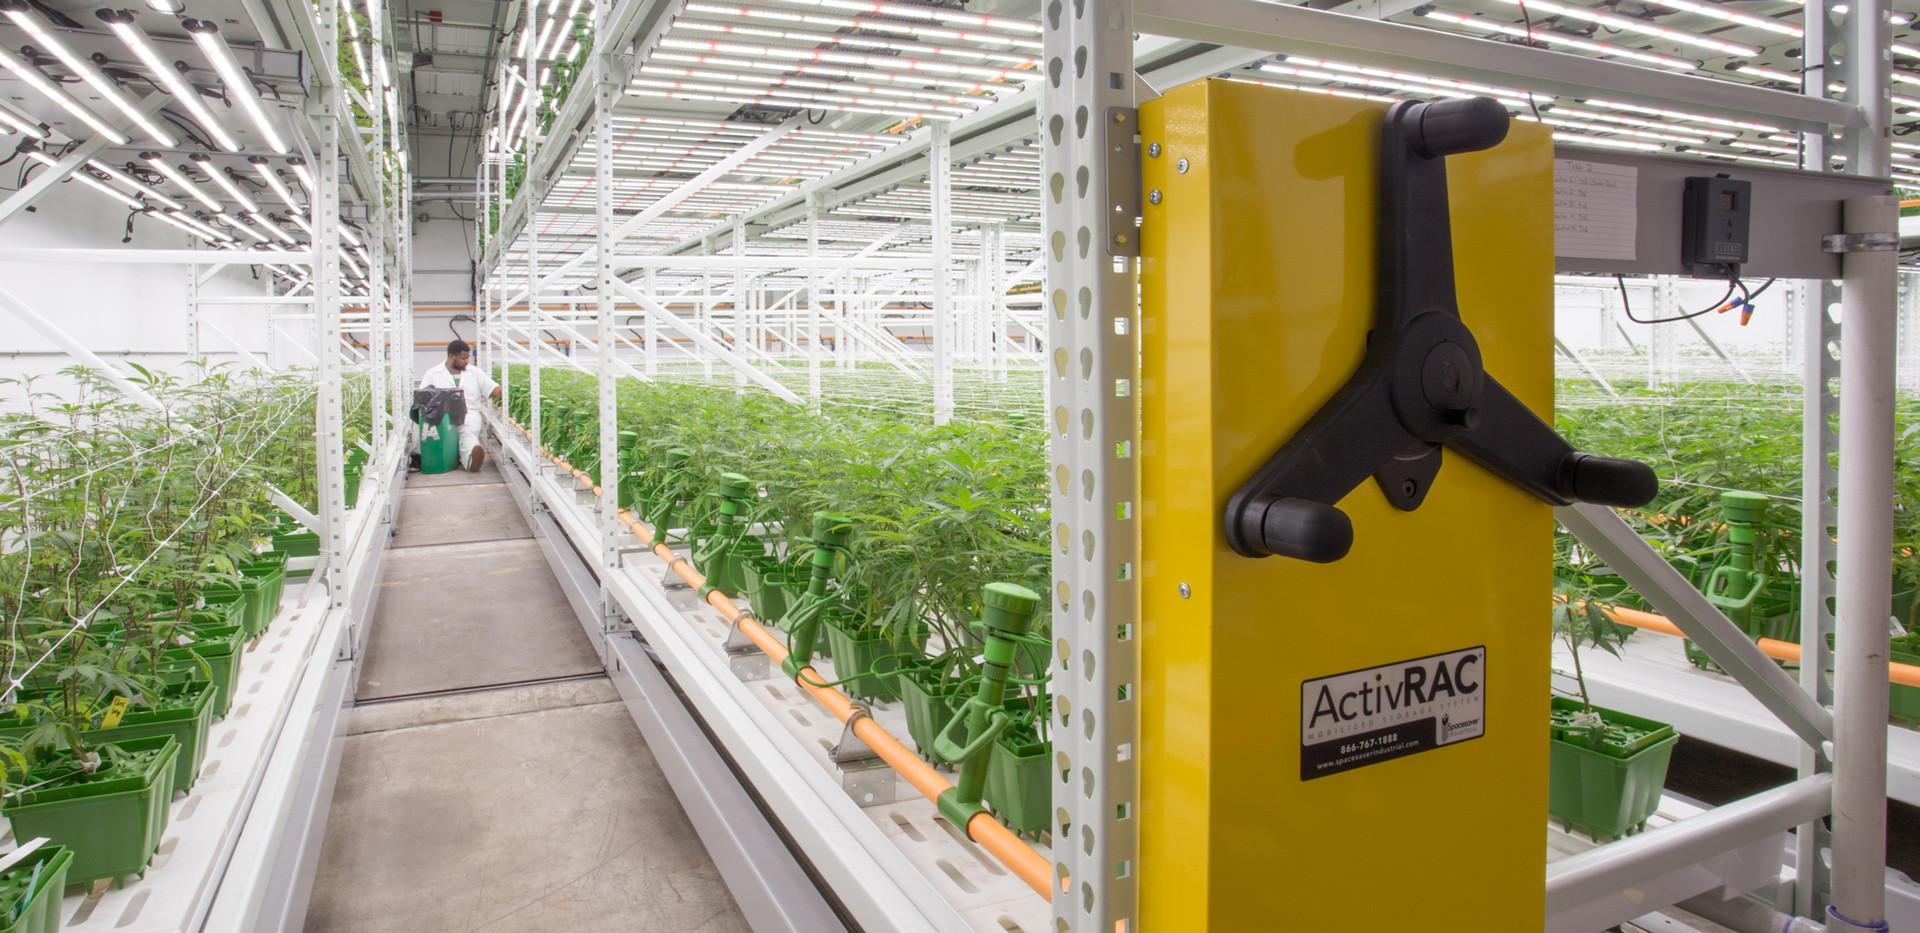 High-yield Cannabis Grow Facility Spaces